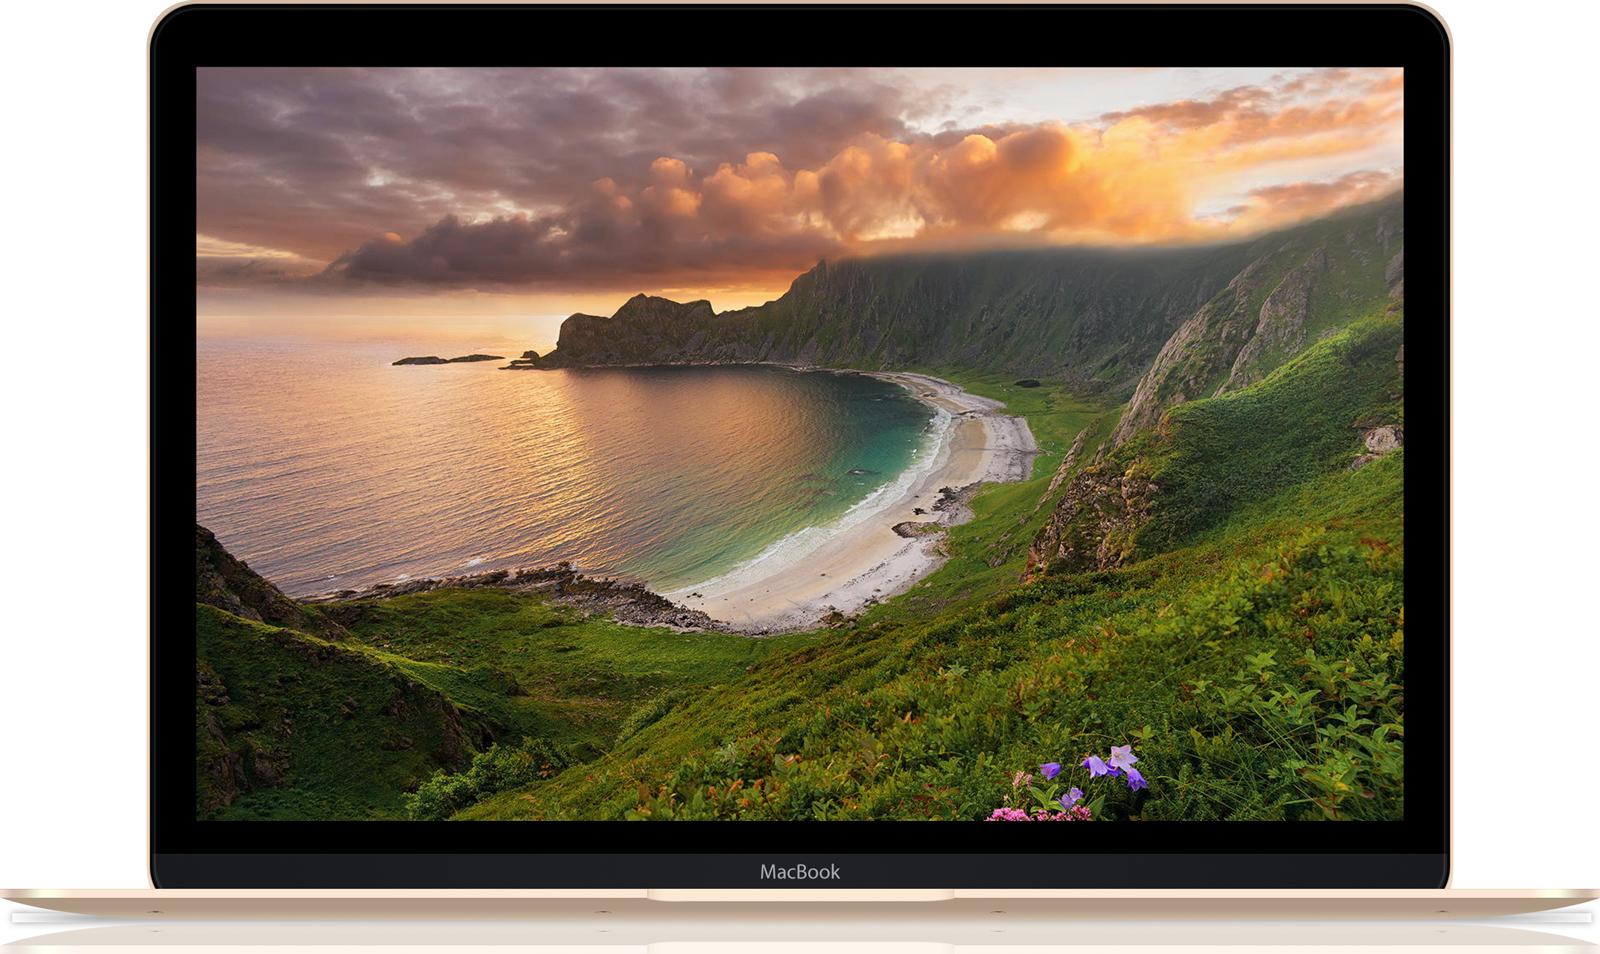 Apple MacBook Wallpaper Frische Pixel   Bild 2   Bilderserie 1600x954